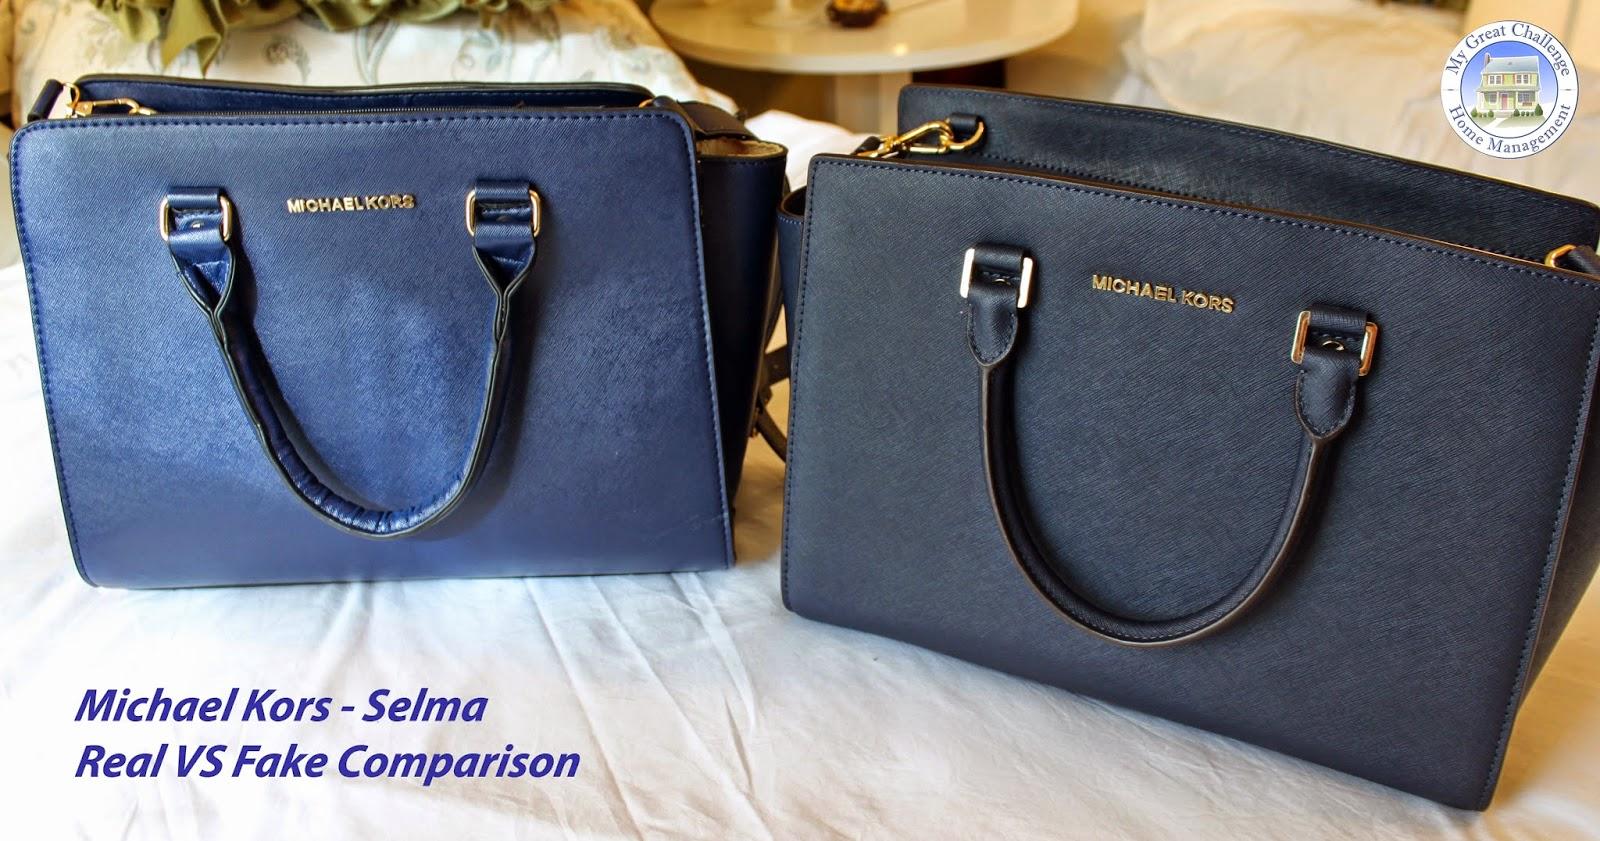 fc981a8fb6 Comparaison entre le vrai sac Michaël Kors Selma et l'imitation